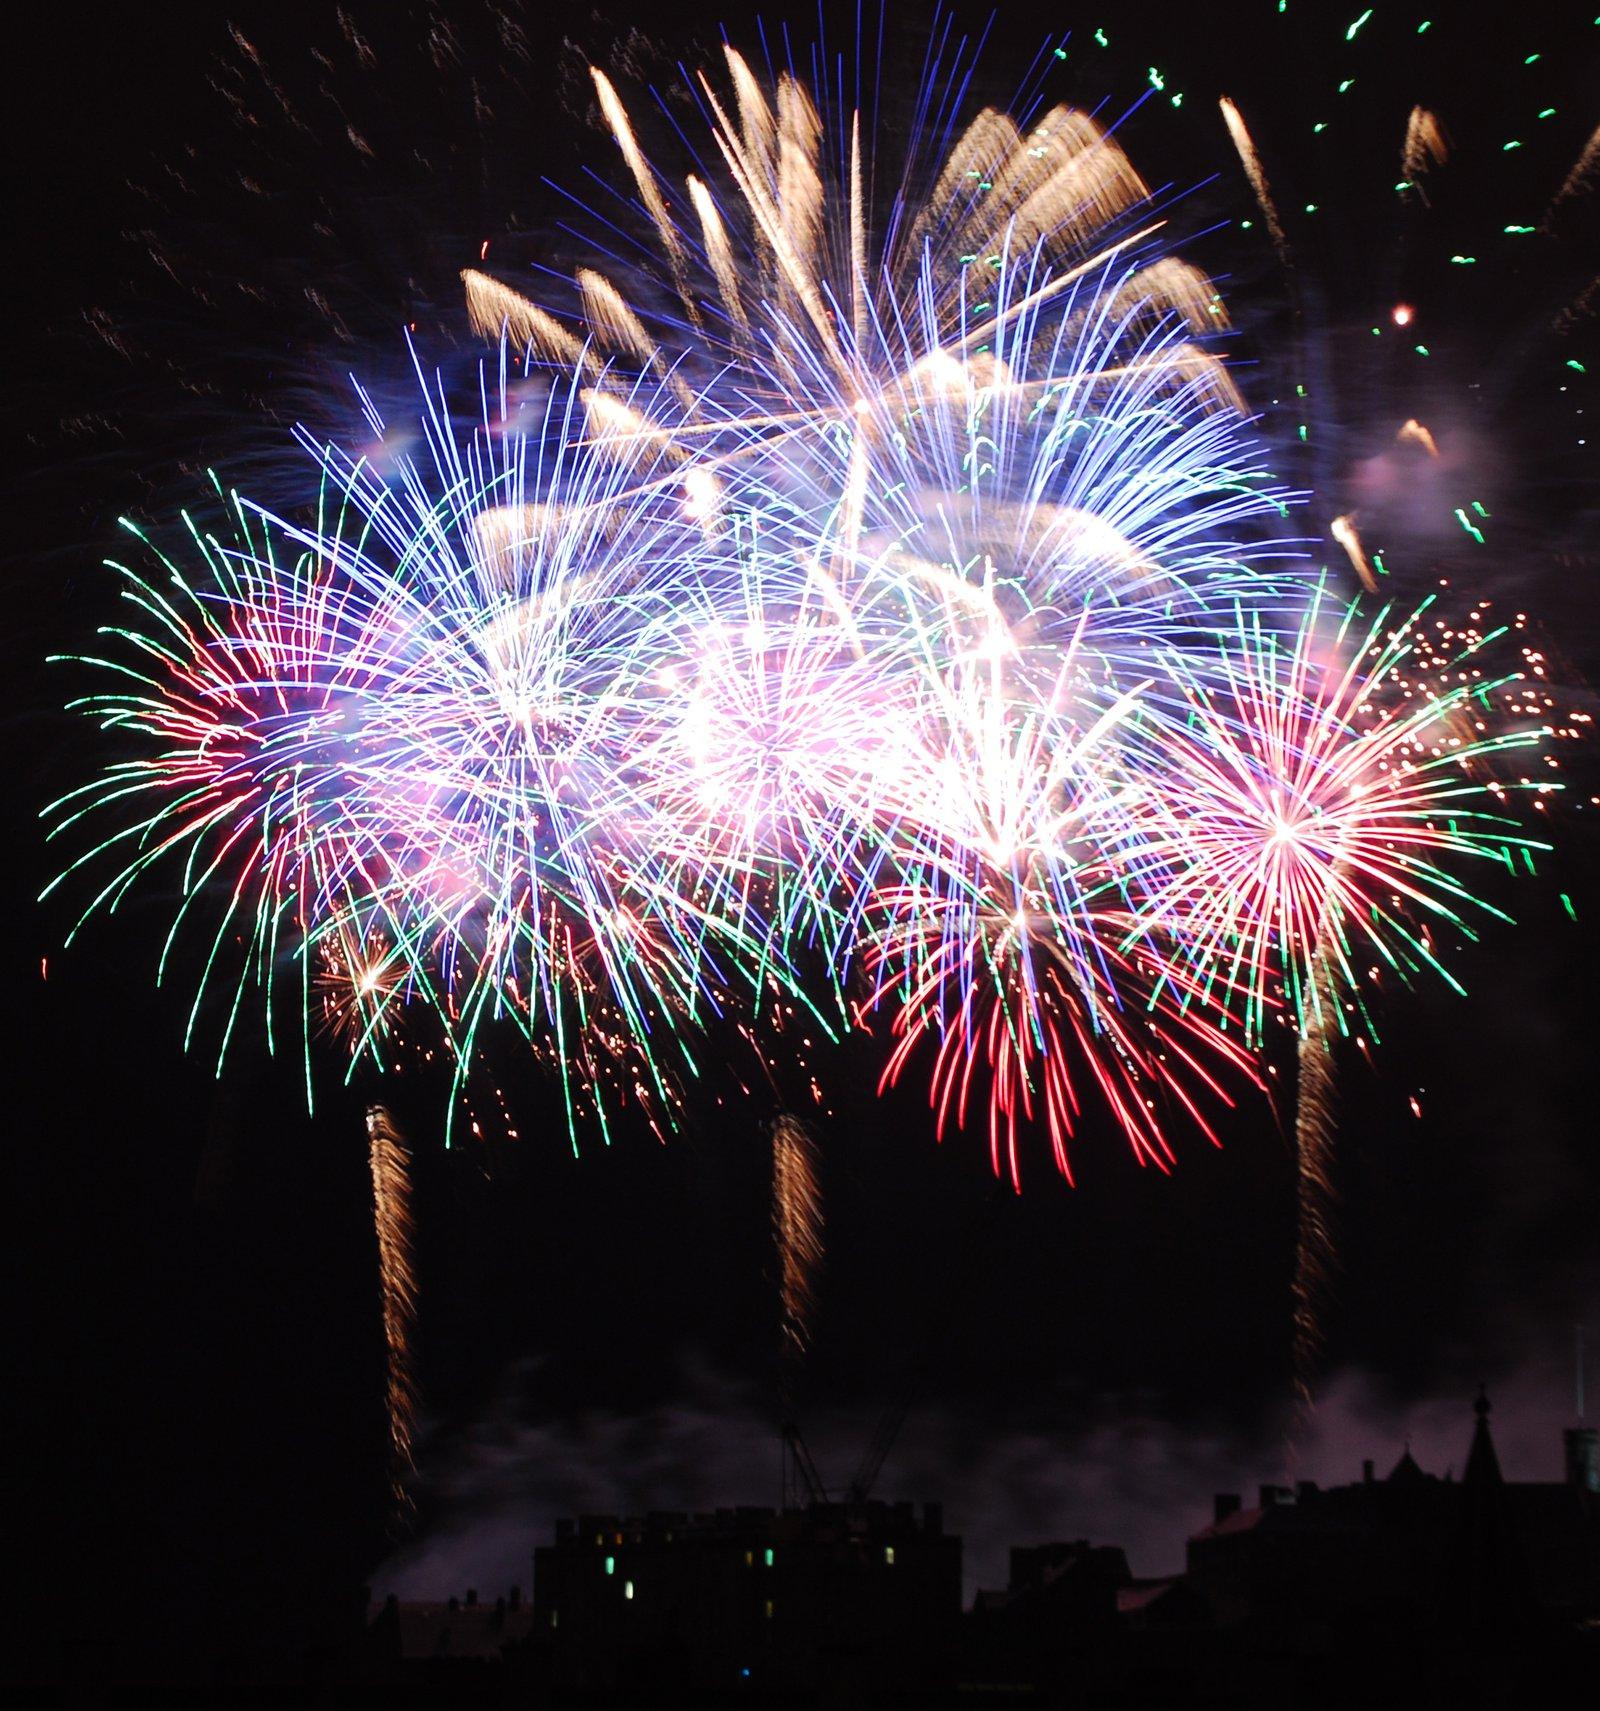 Festival Fireworks in Edinburgh